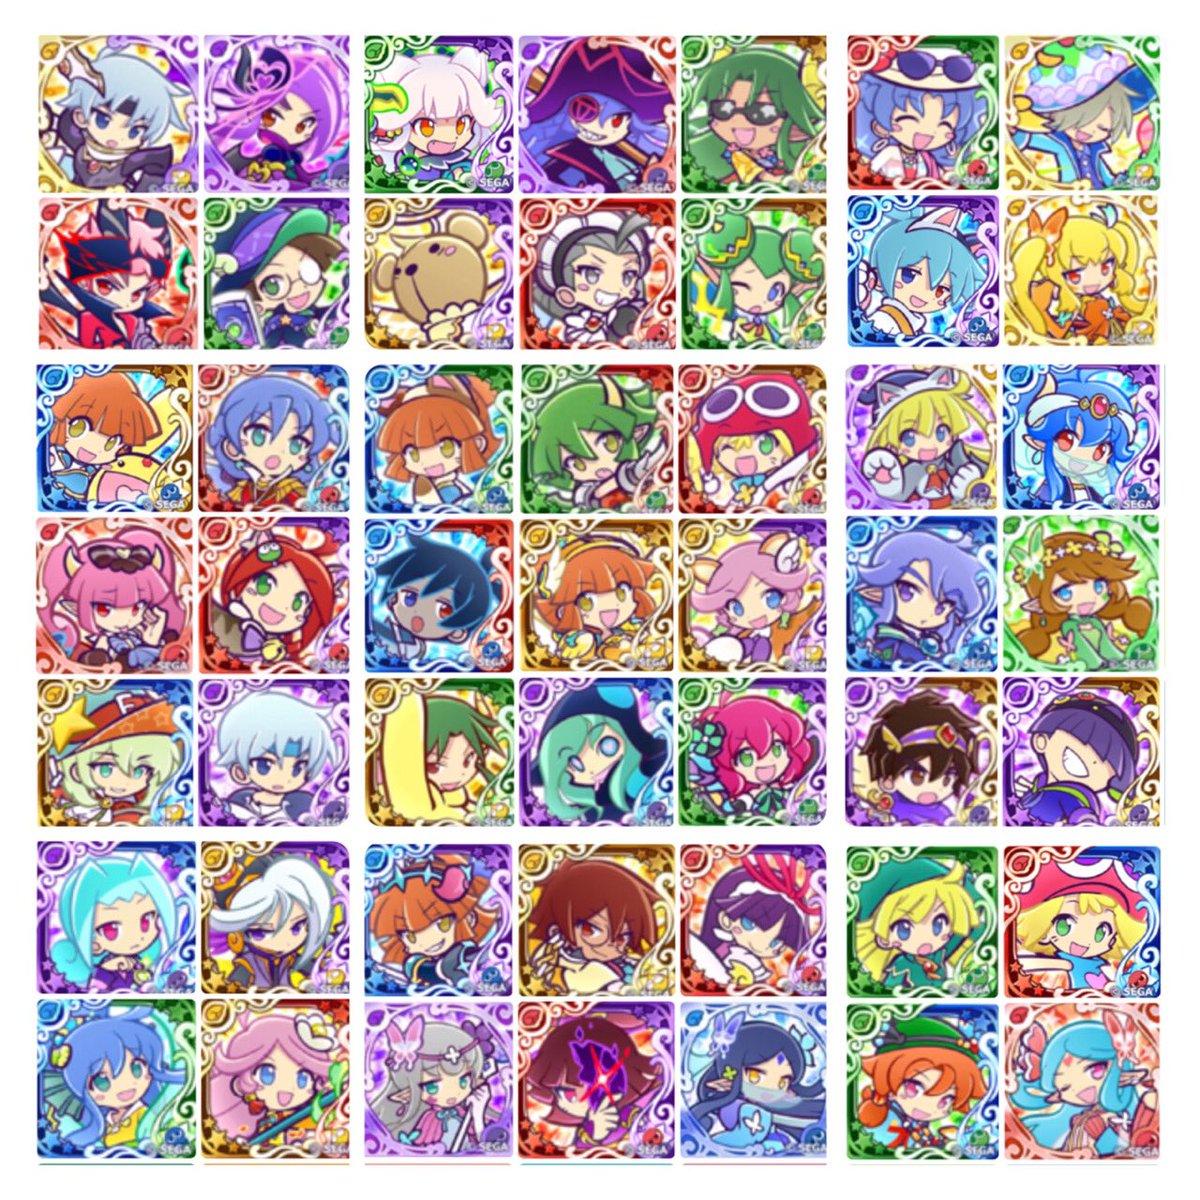 ぷよ クエ フェス キャラ ぷよフェスキャラ評価一覧! ぷよぷよ好きのぷよクエブログ